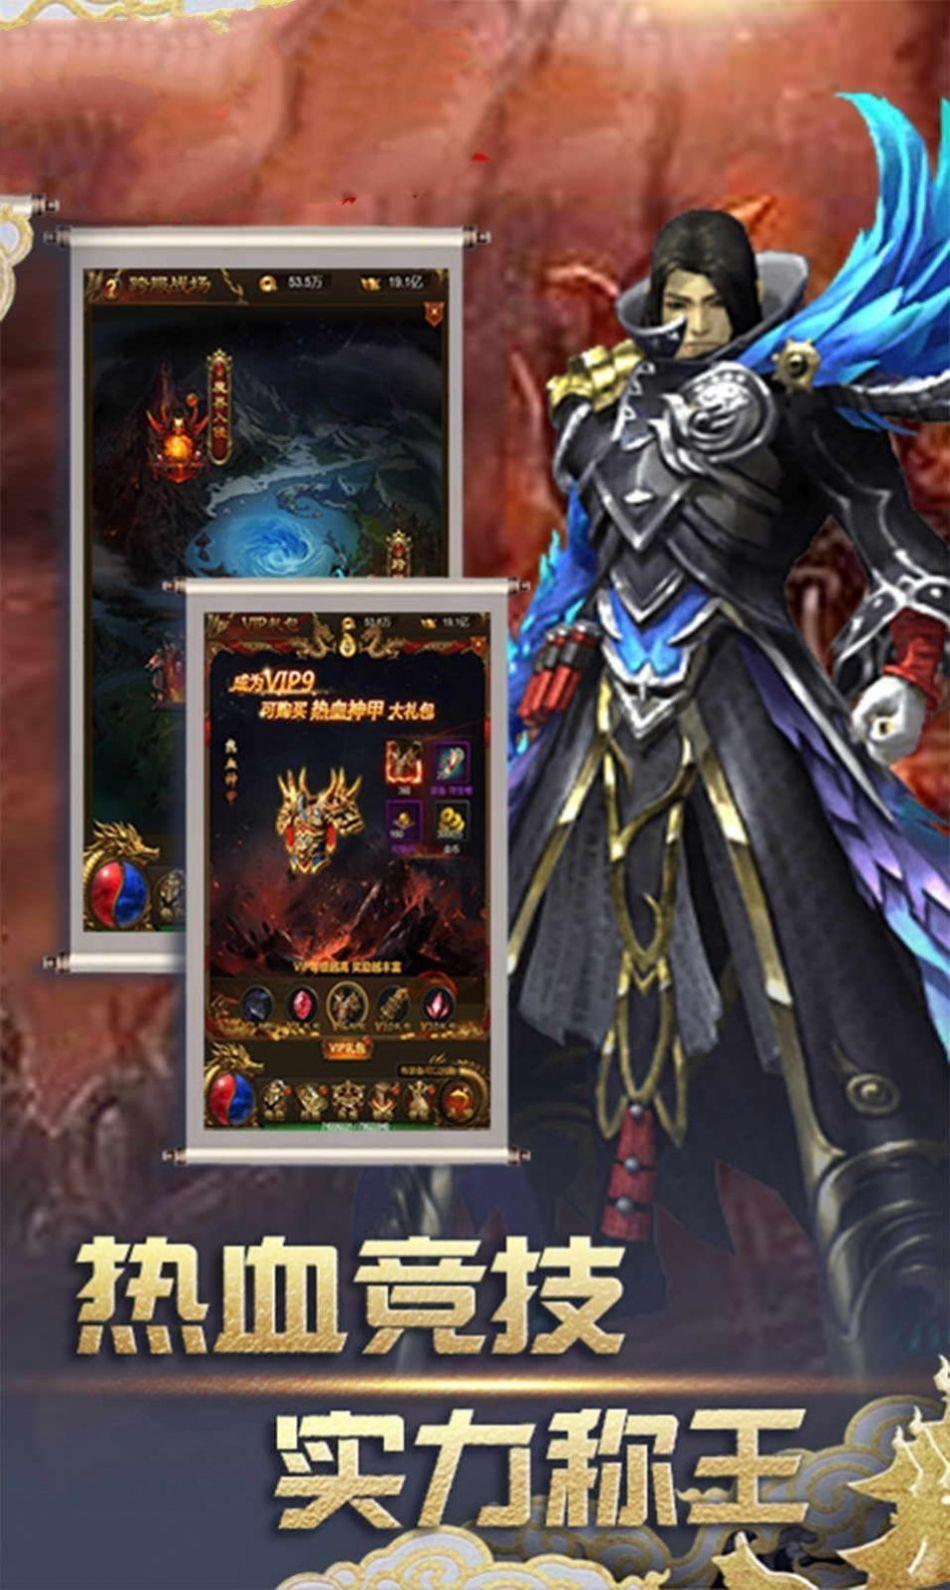 上海疯狂仙之浩劫神途